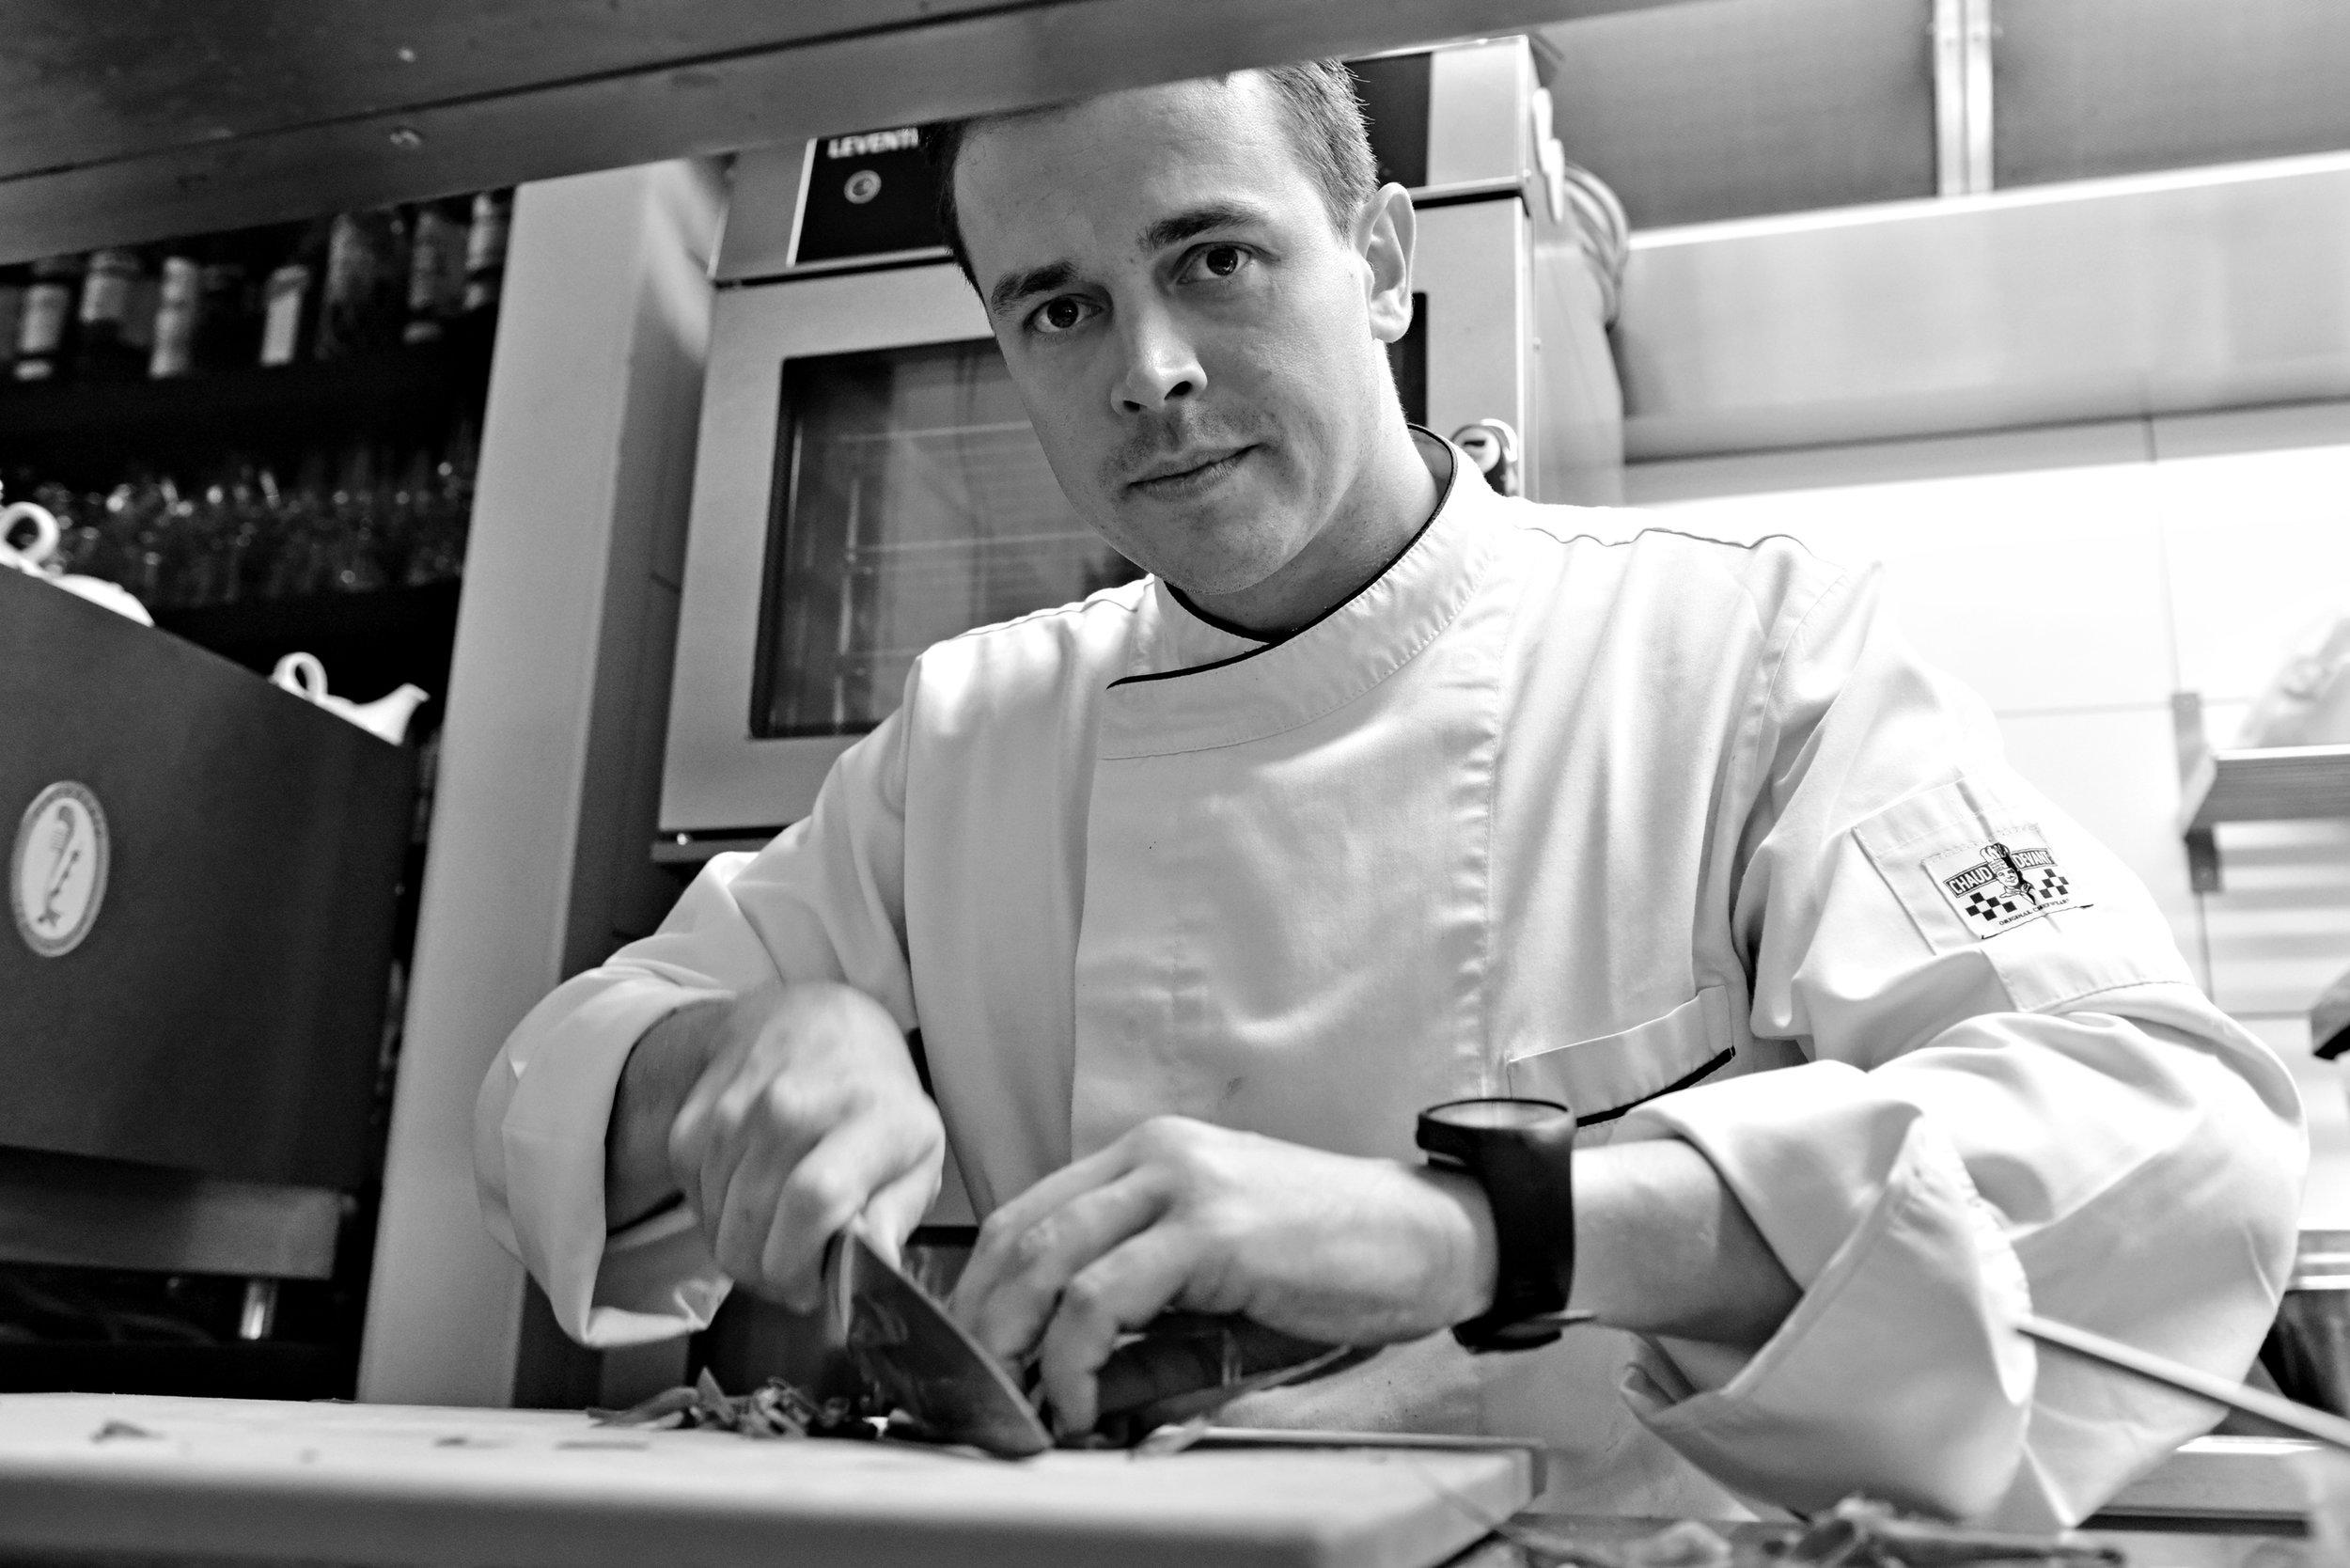 18 bistro marron deinze tablefever bart albrecht culinair fotograaf.jpg